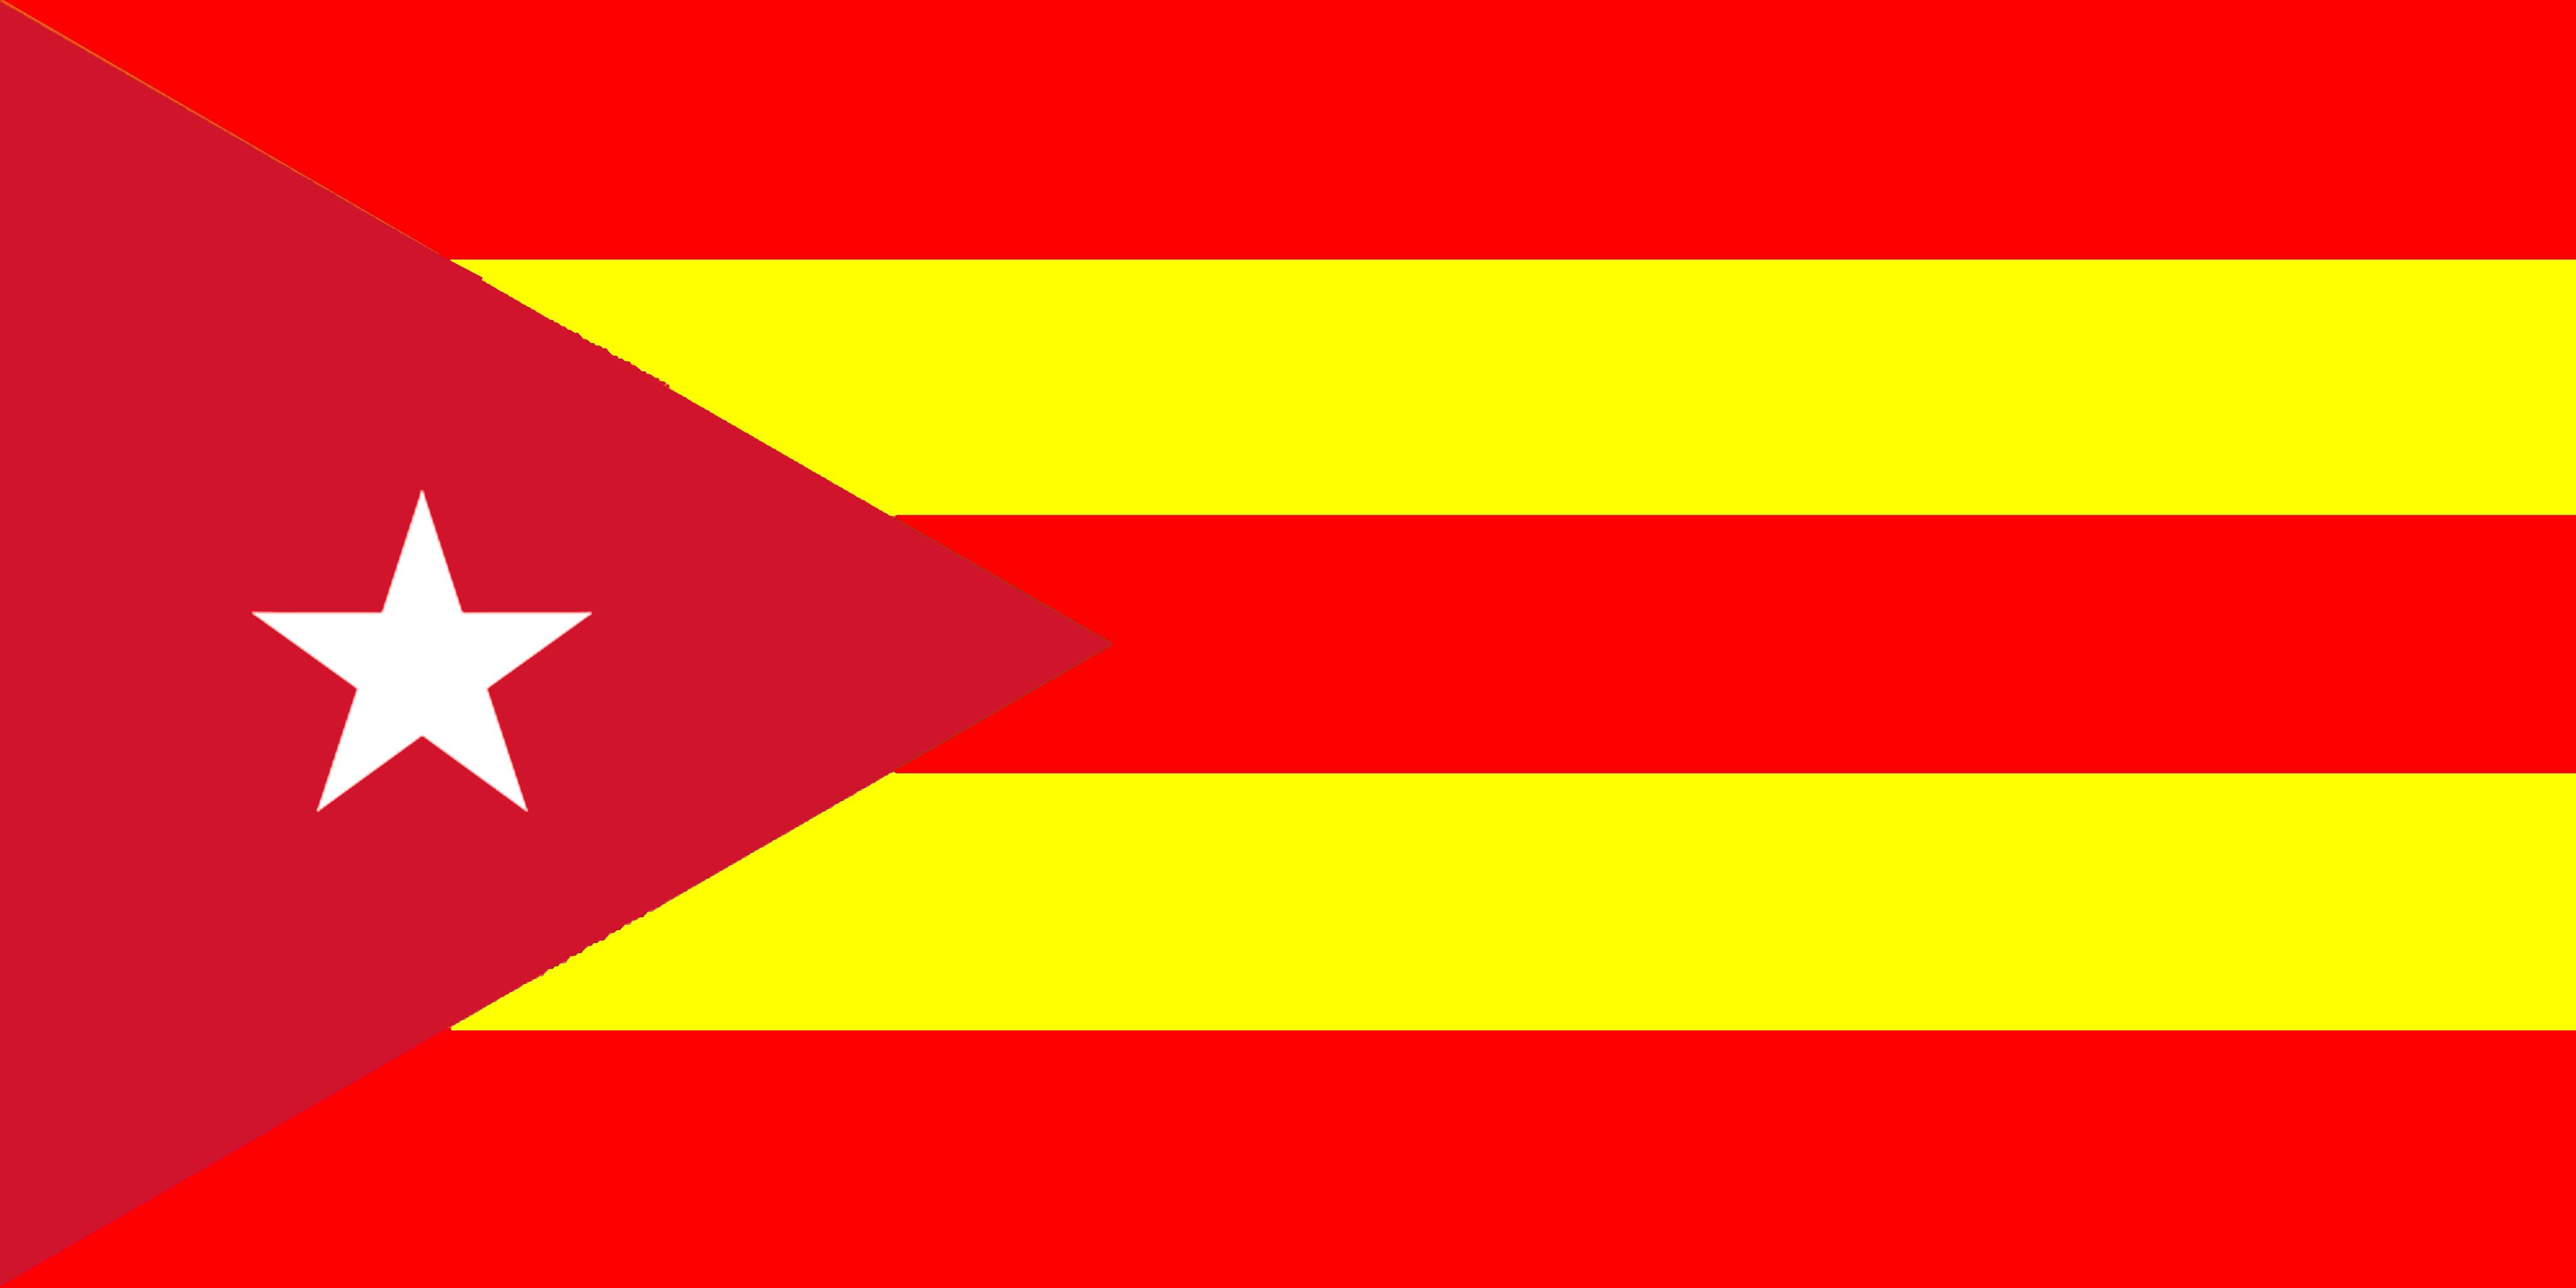 File:Bandera de Cuba (Mancomunidad de español).png - PNG Espanol